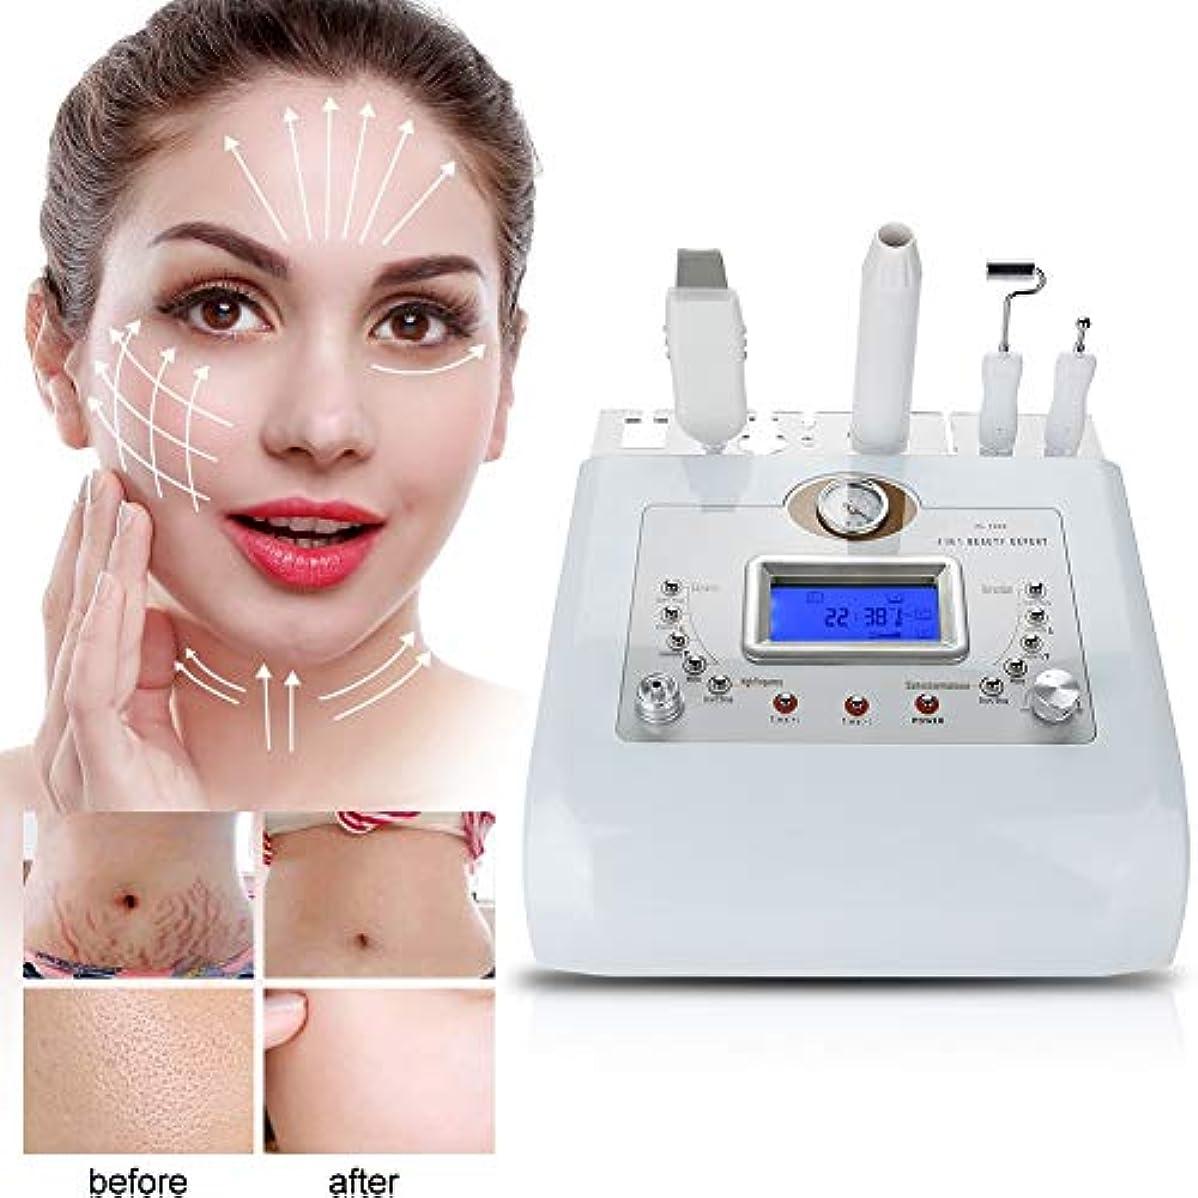 集計ロッカーステレオ4-in-1ダイヤモンド皮膚剥離美容機、SPA用美容室用機器トナー、RF +超音波+スキンスクラバー+ EMS電気治療 (白)